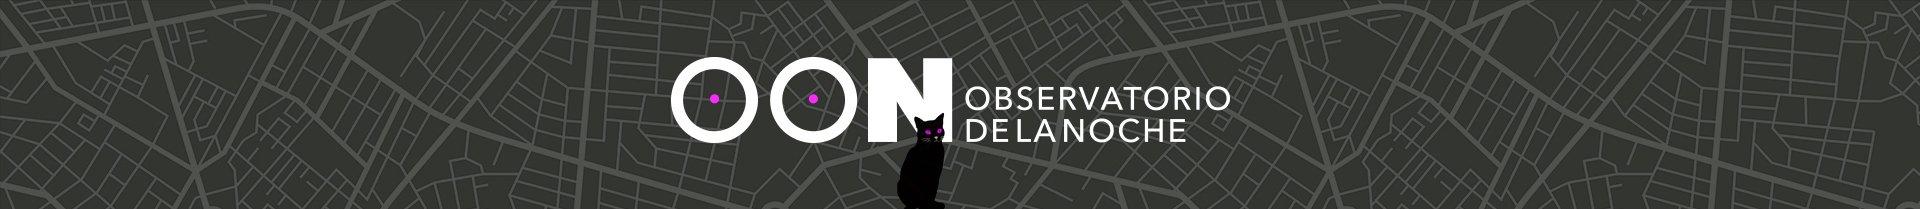 Banner_CiuWeb_Observa_3DEF